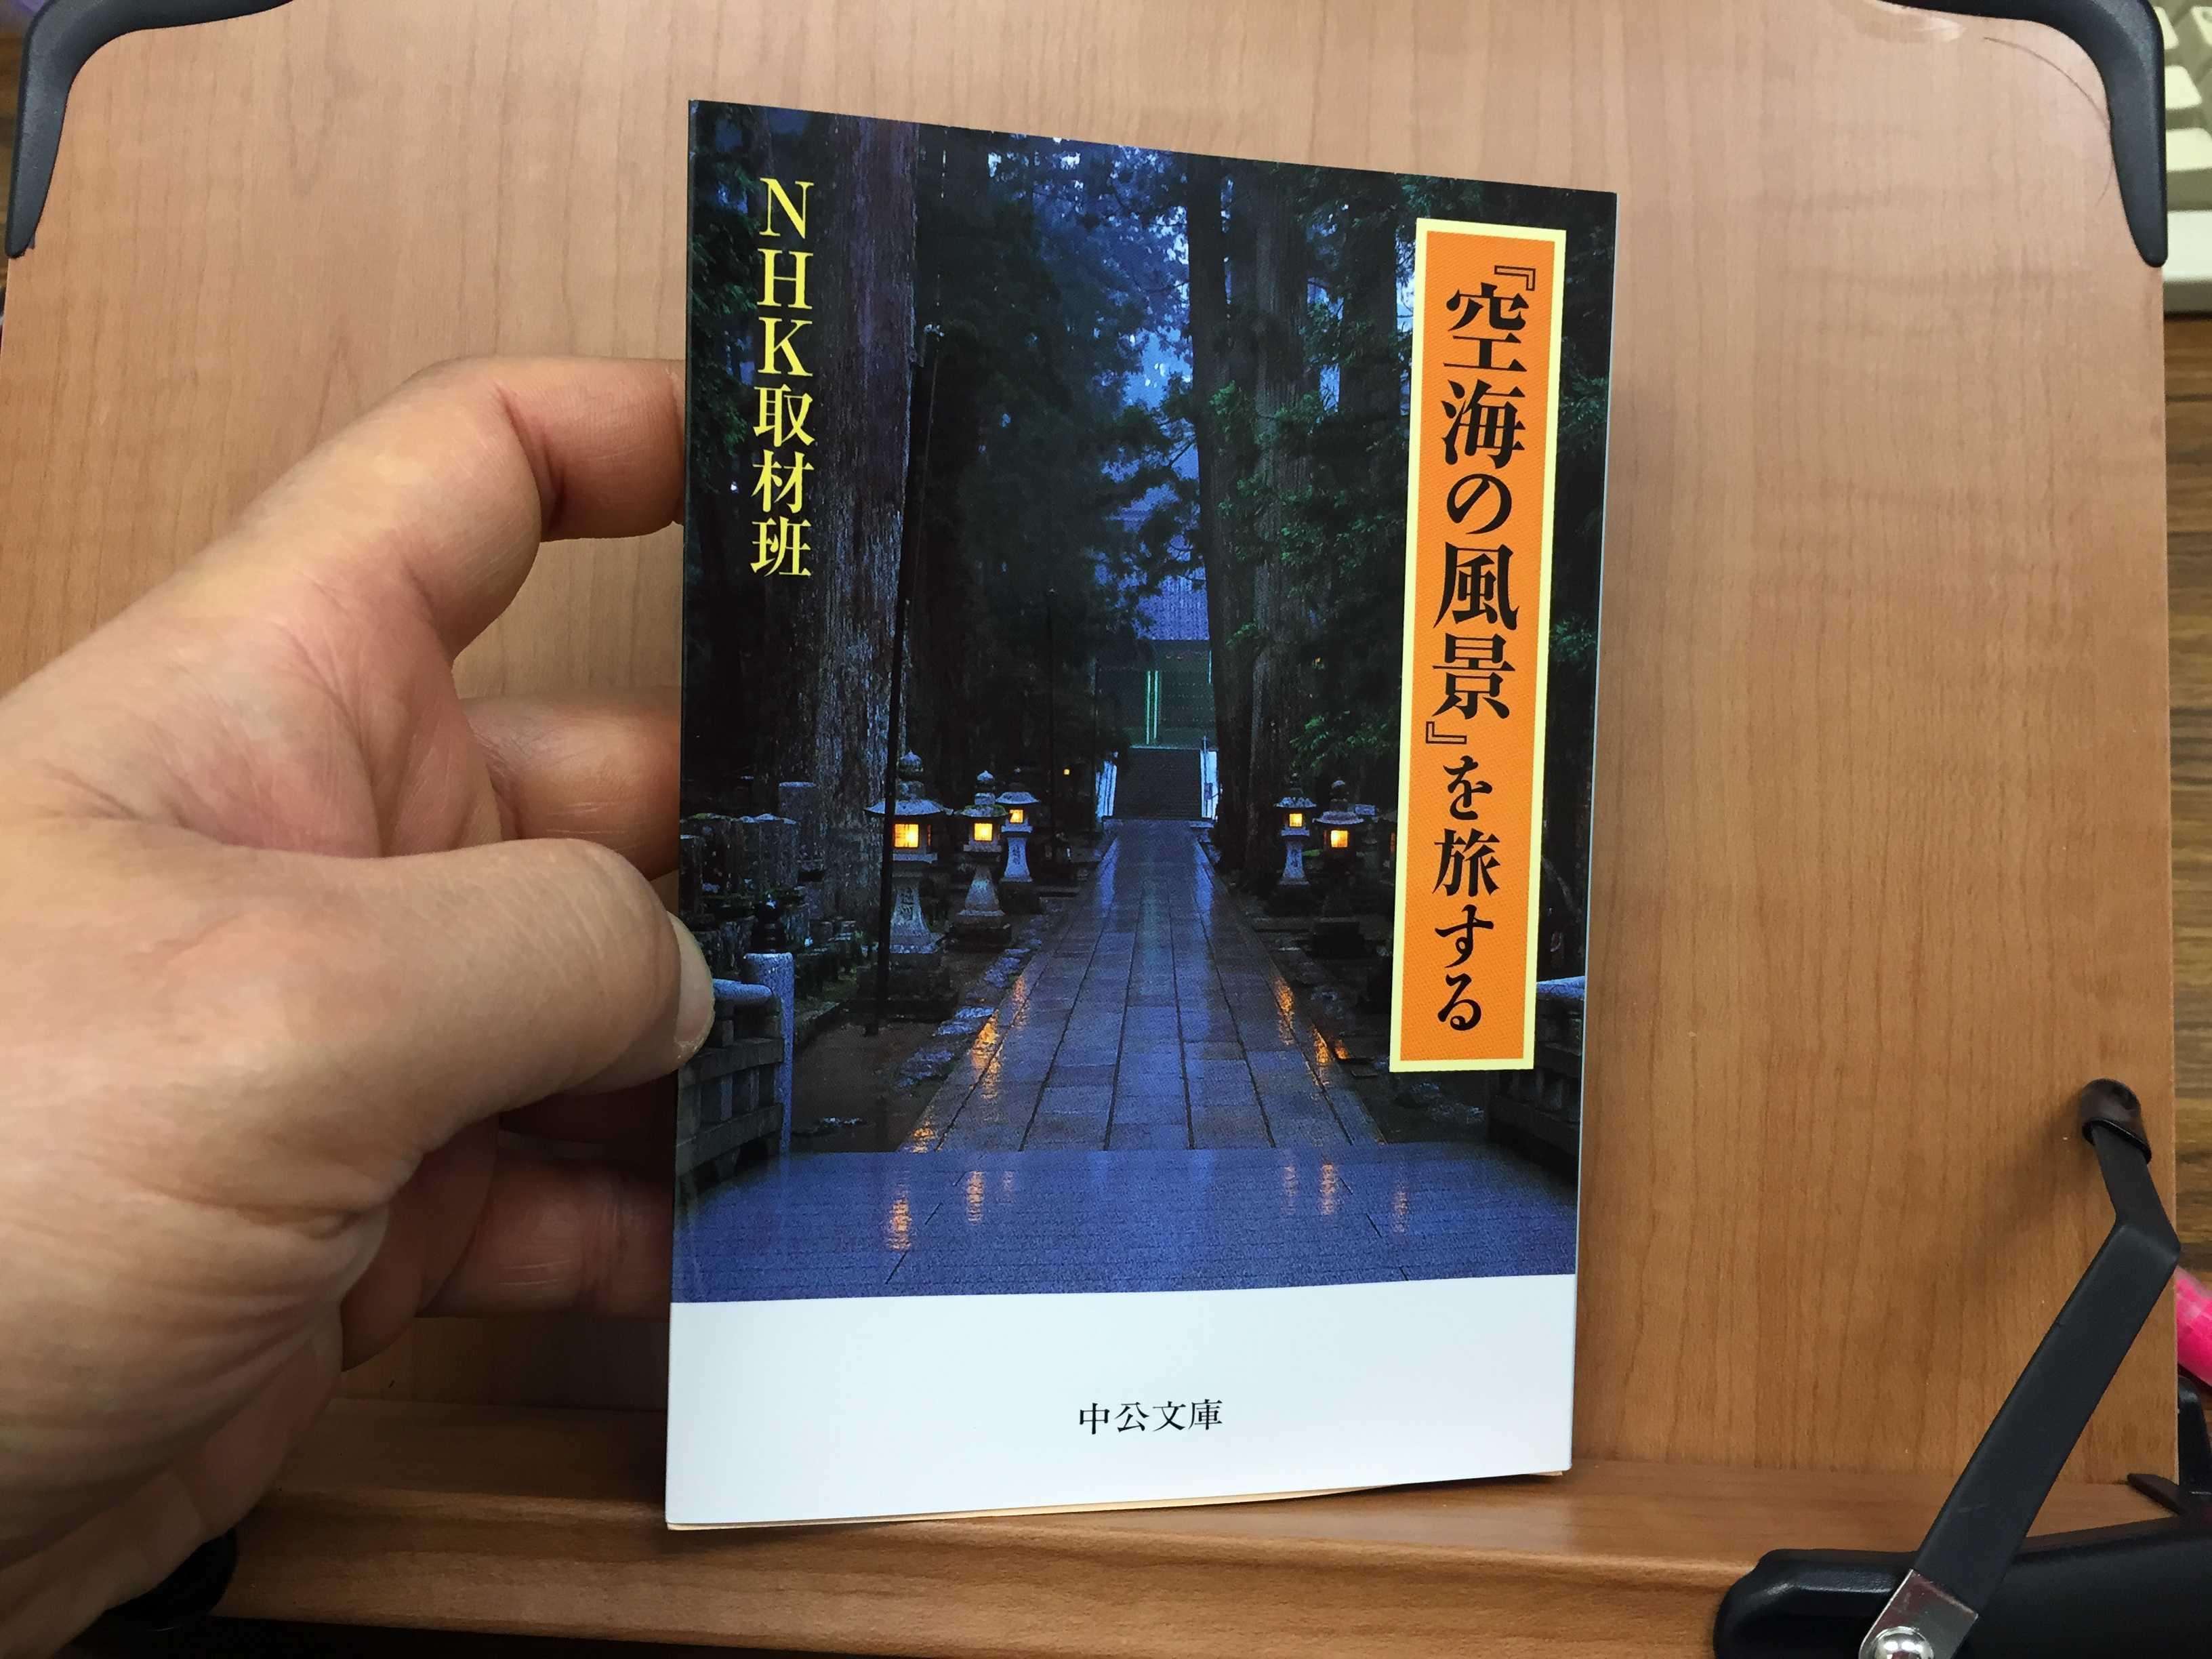 『空海の風景』を旅するのカバー写真 「高野山金剛峯寺奥の院参道」